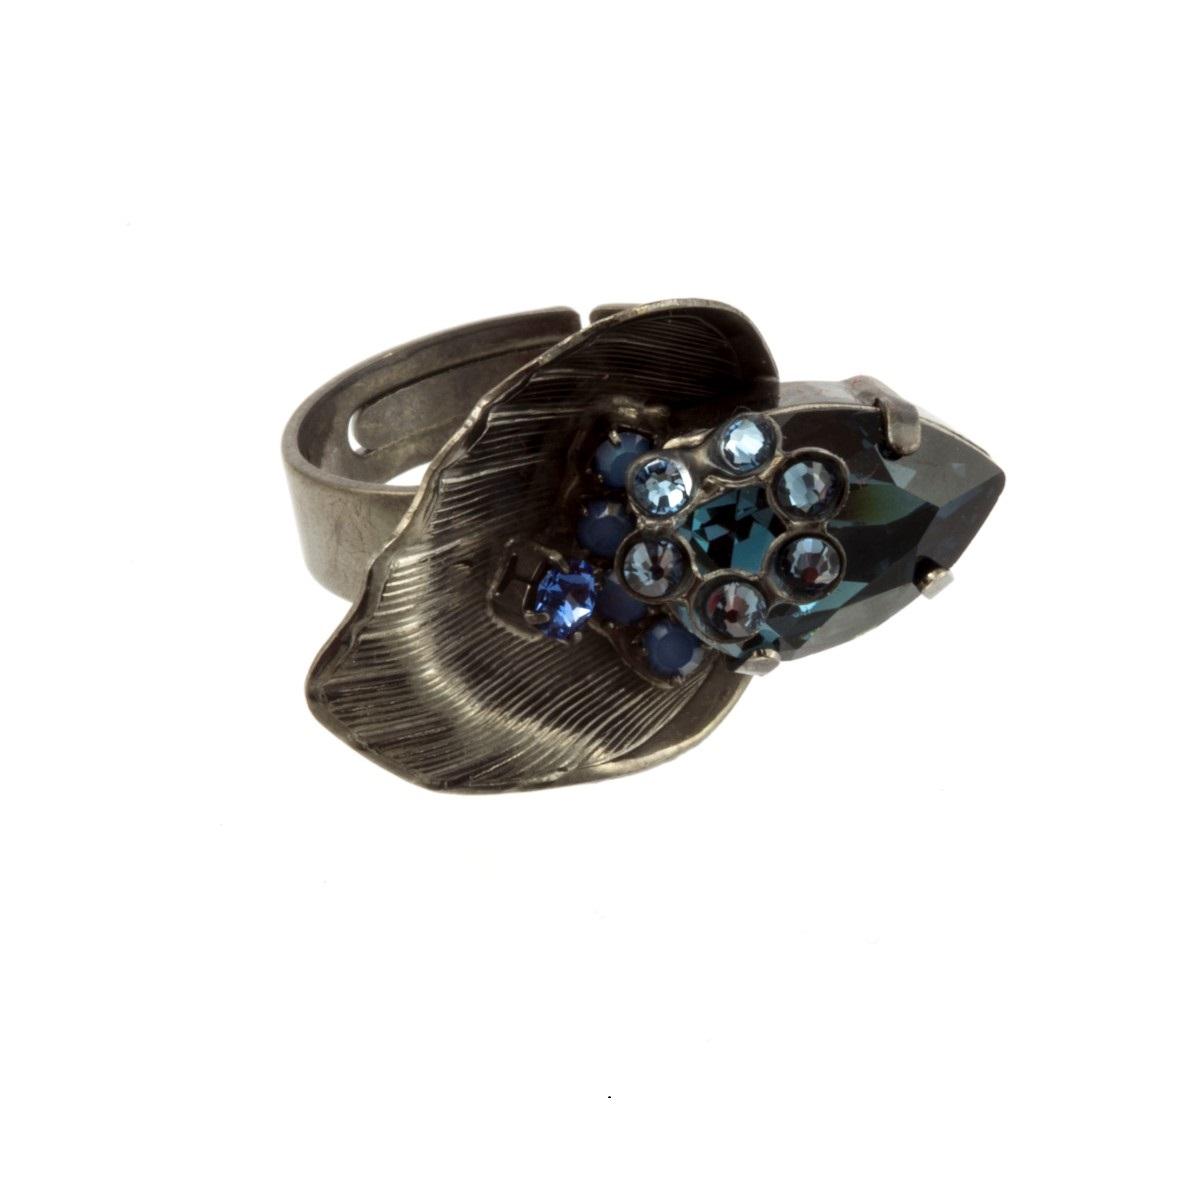 ARTWEAR DIMITRIADIS - Γυναικείο μεταλλικό δαχτυλίδι ARTWEAR DIMITRIADIS μαύρο με γυναικεία αξεσουάρ κοσμήματα δαχτυλίδια